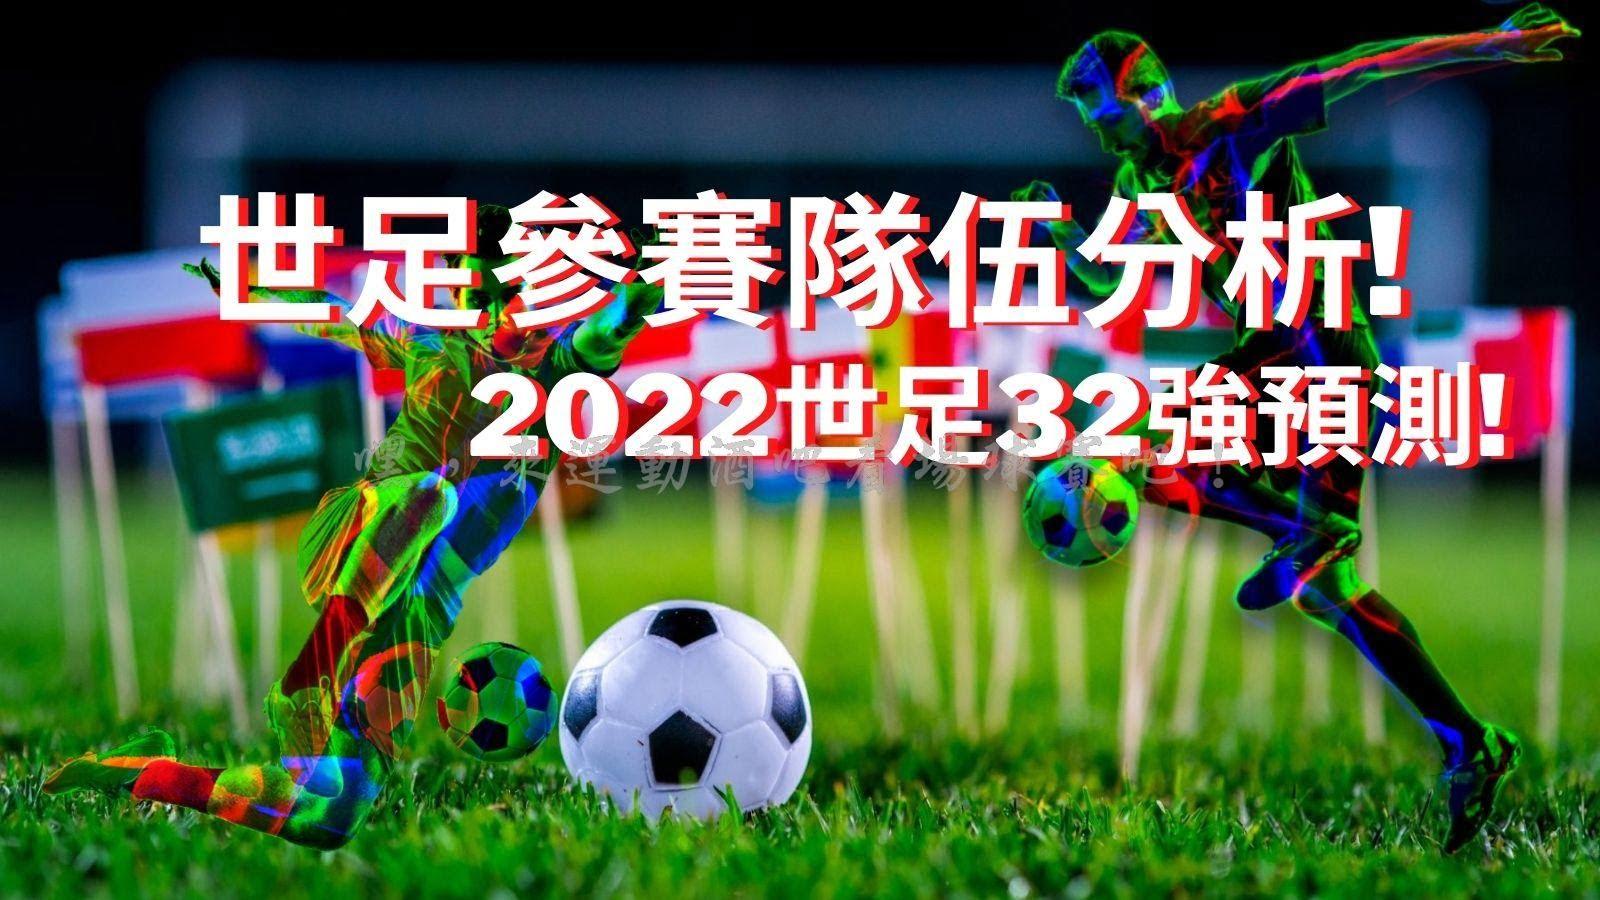 世足參賽隊伍分析!【2022世足32強預測】